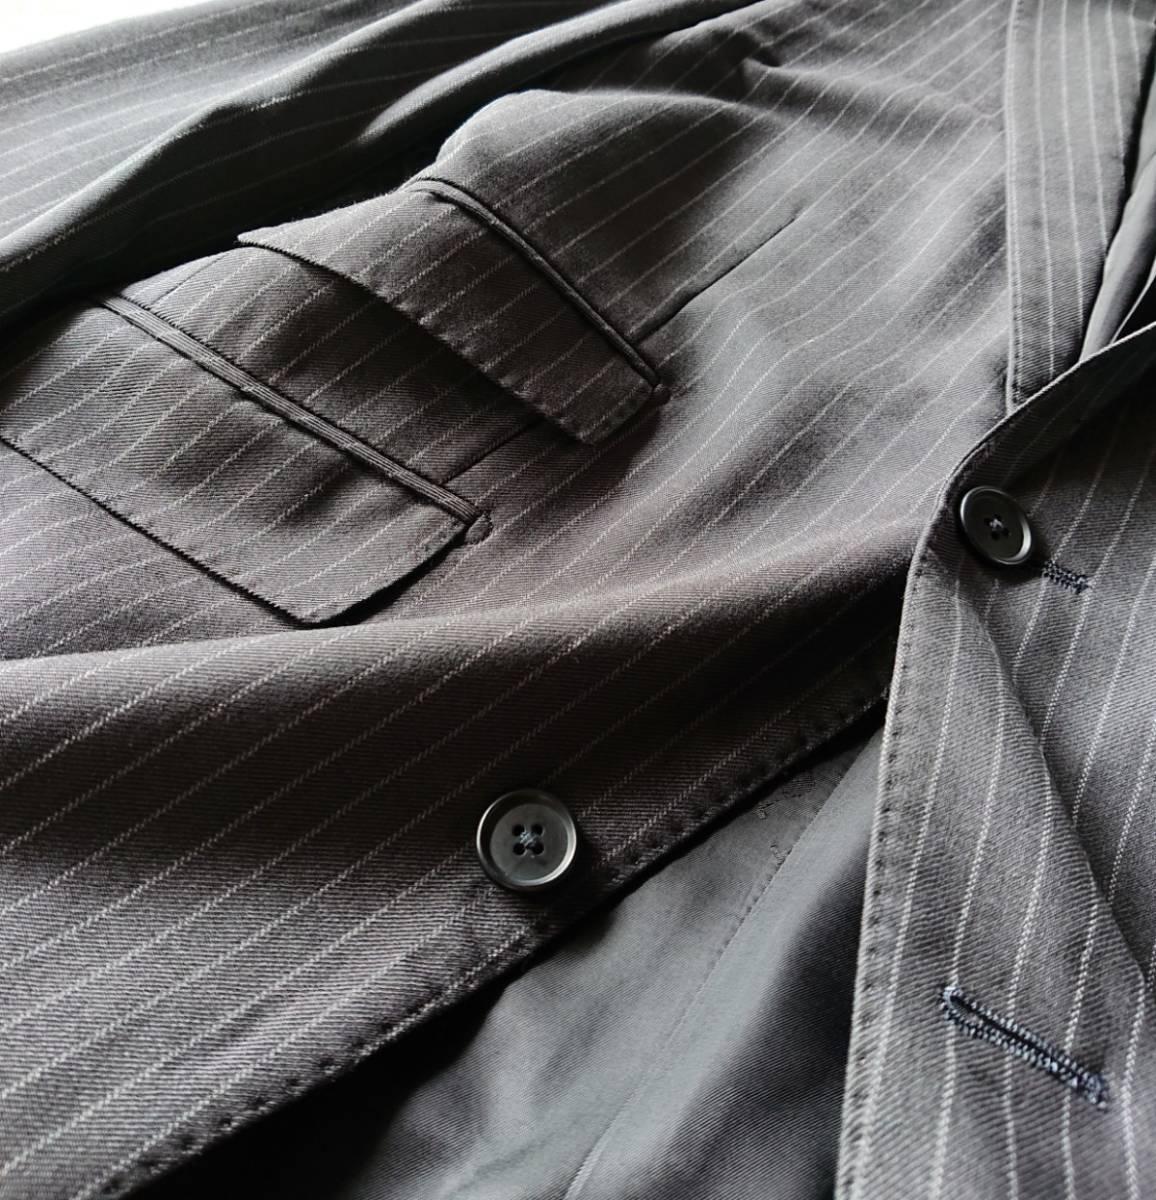 美品 英国仕様 希少な極上デザイン英文字ロゴ入 柔らかな肌触り★ バーバリー ブラック レーベル スーツ セットアップ メンズ ダークグレー_画像4